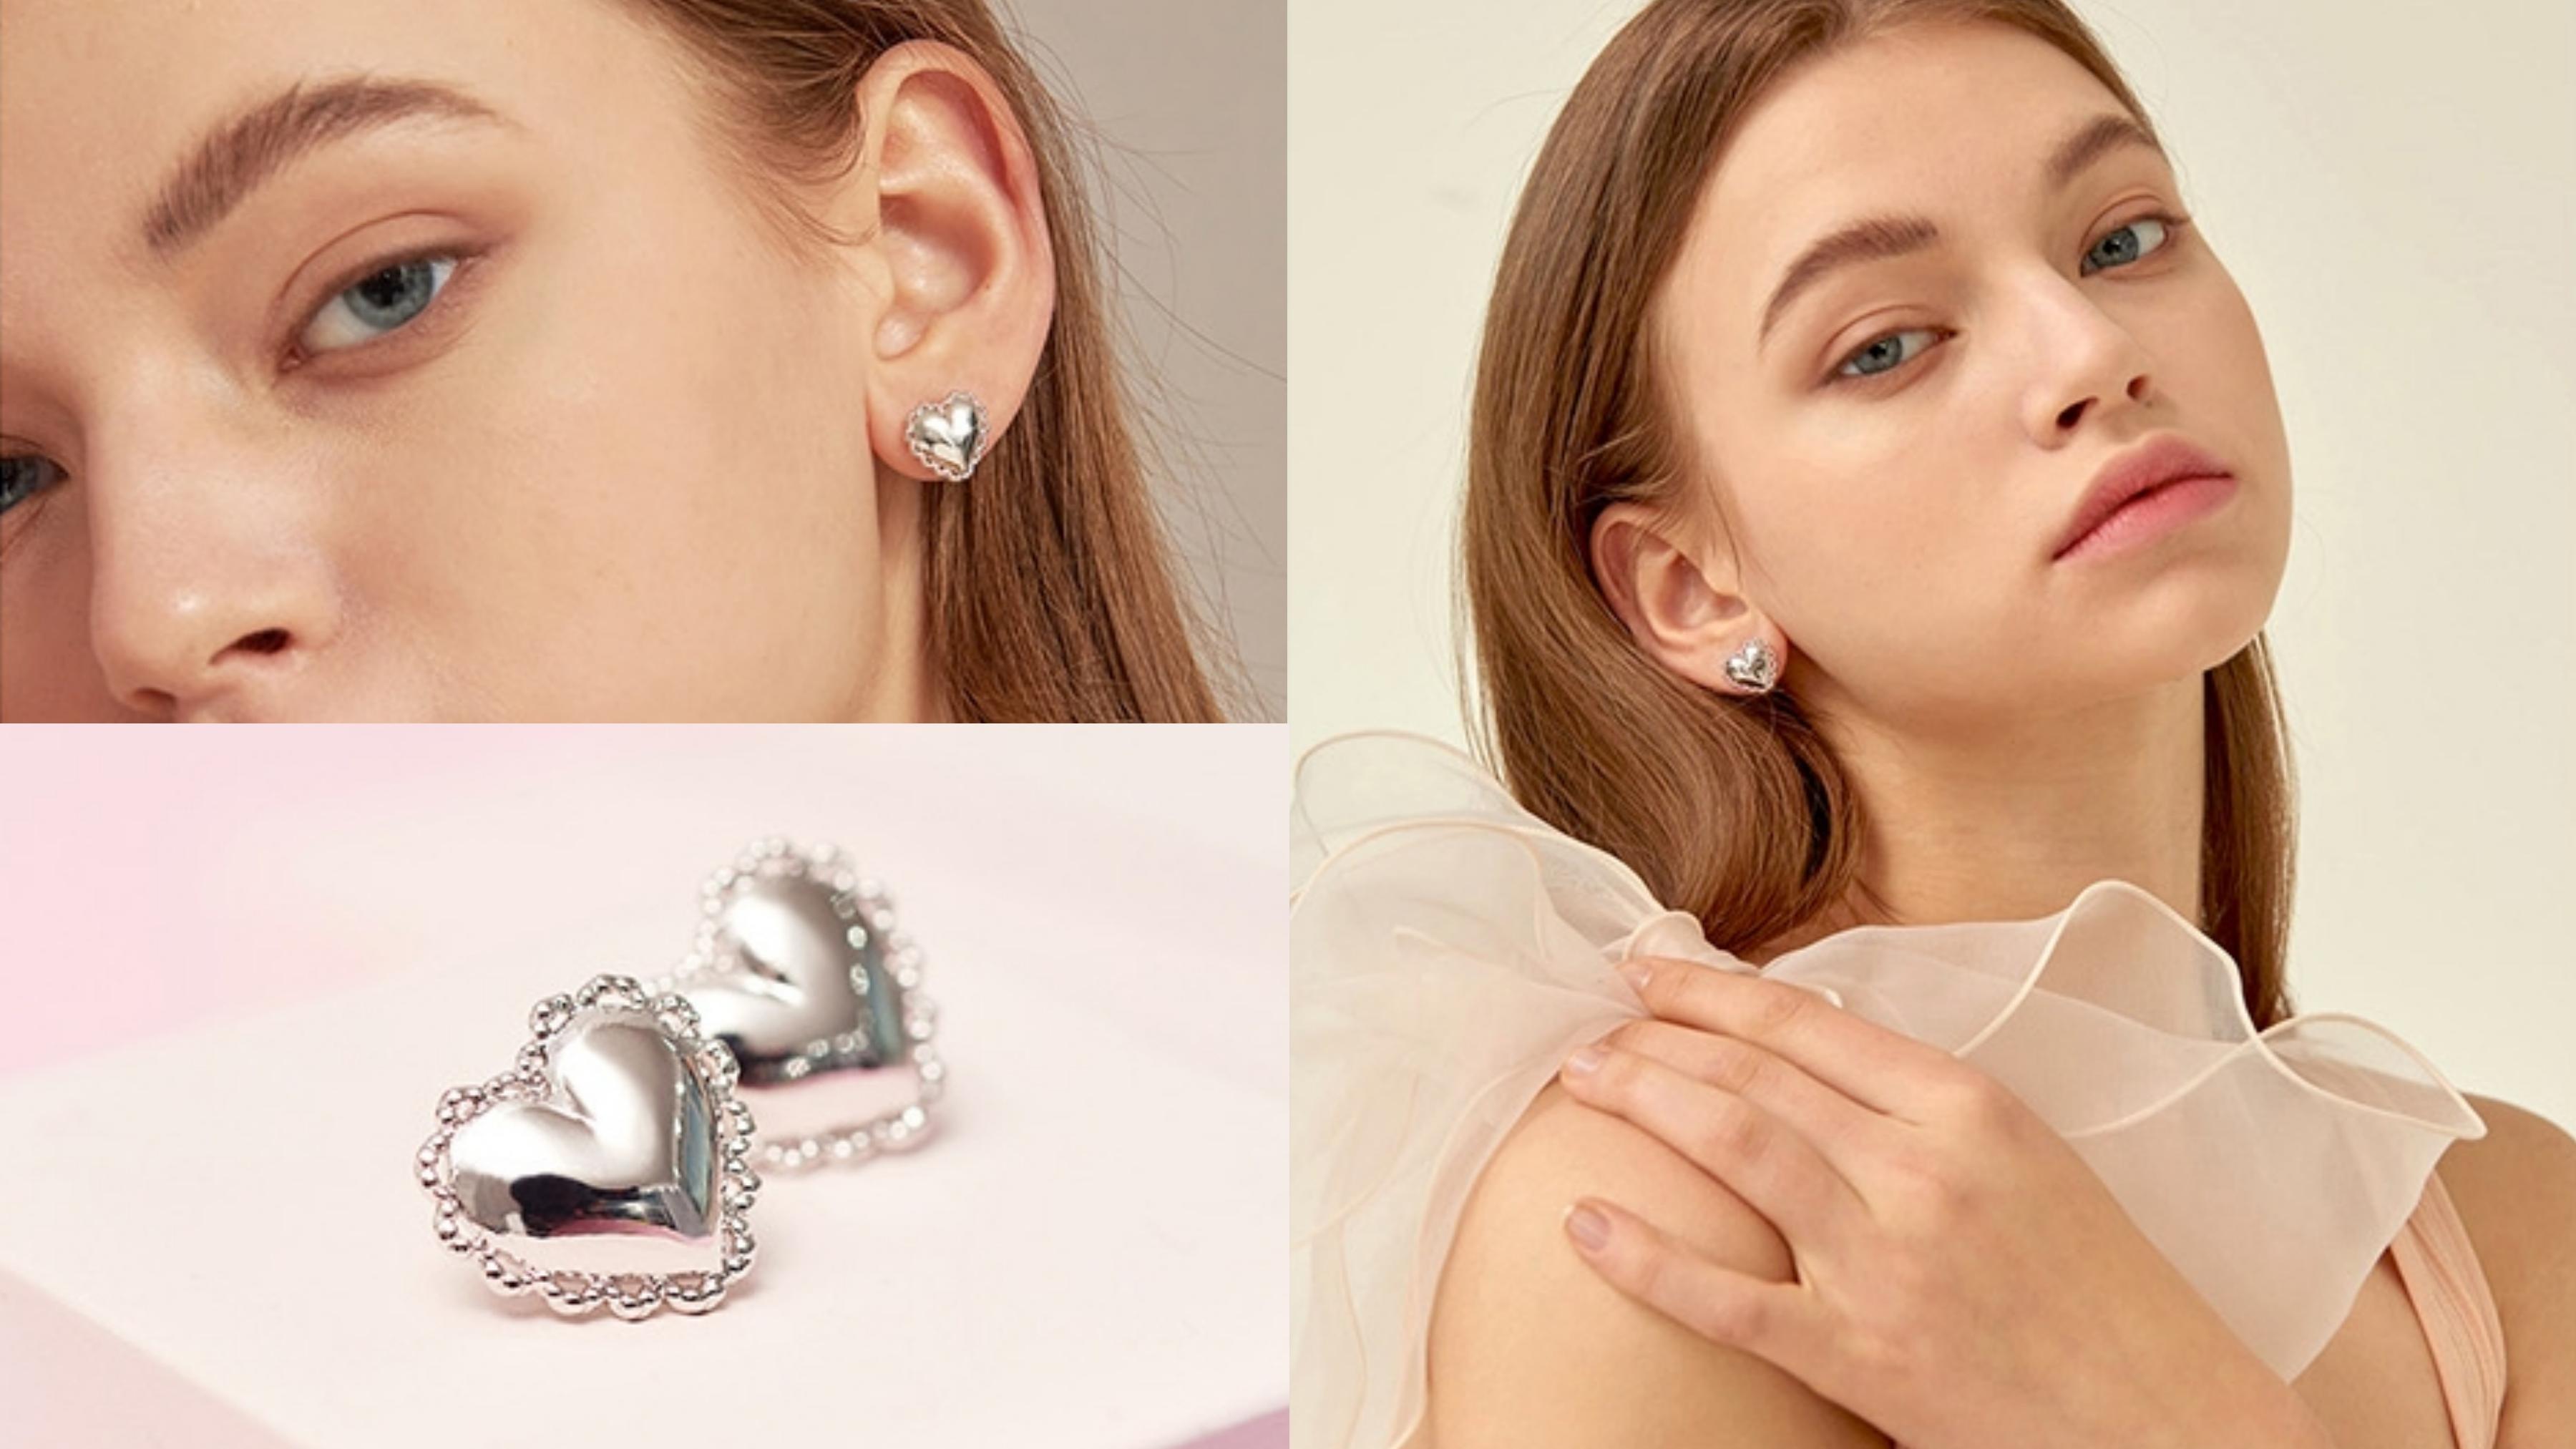 愛心+小小手掌設計耳環,輕巧細緻的造型,非常百搭實戴